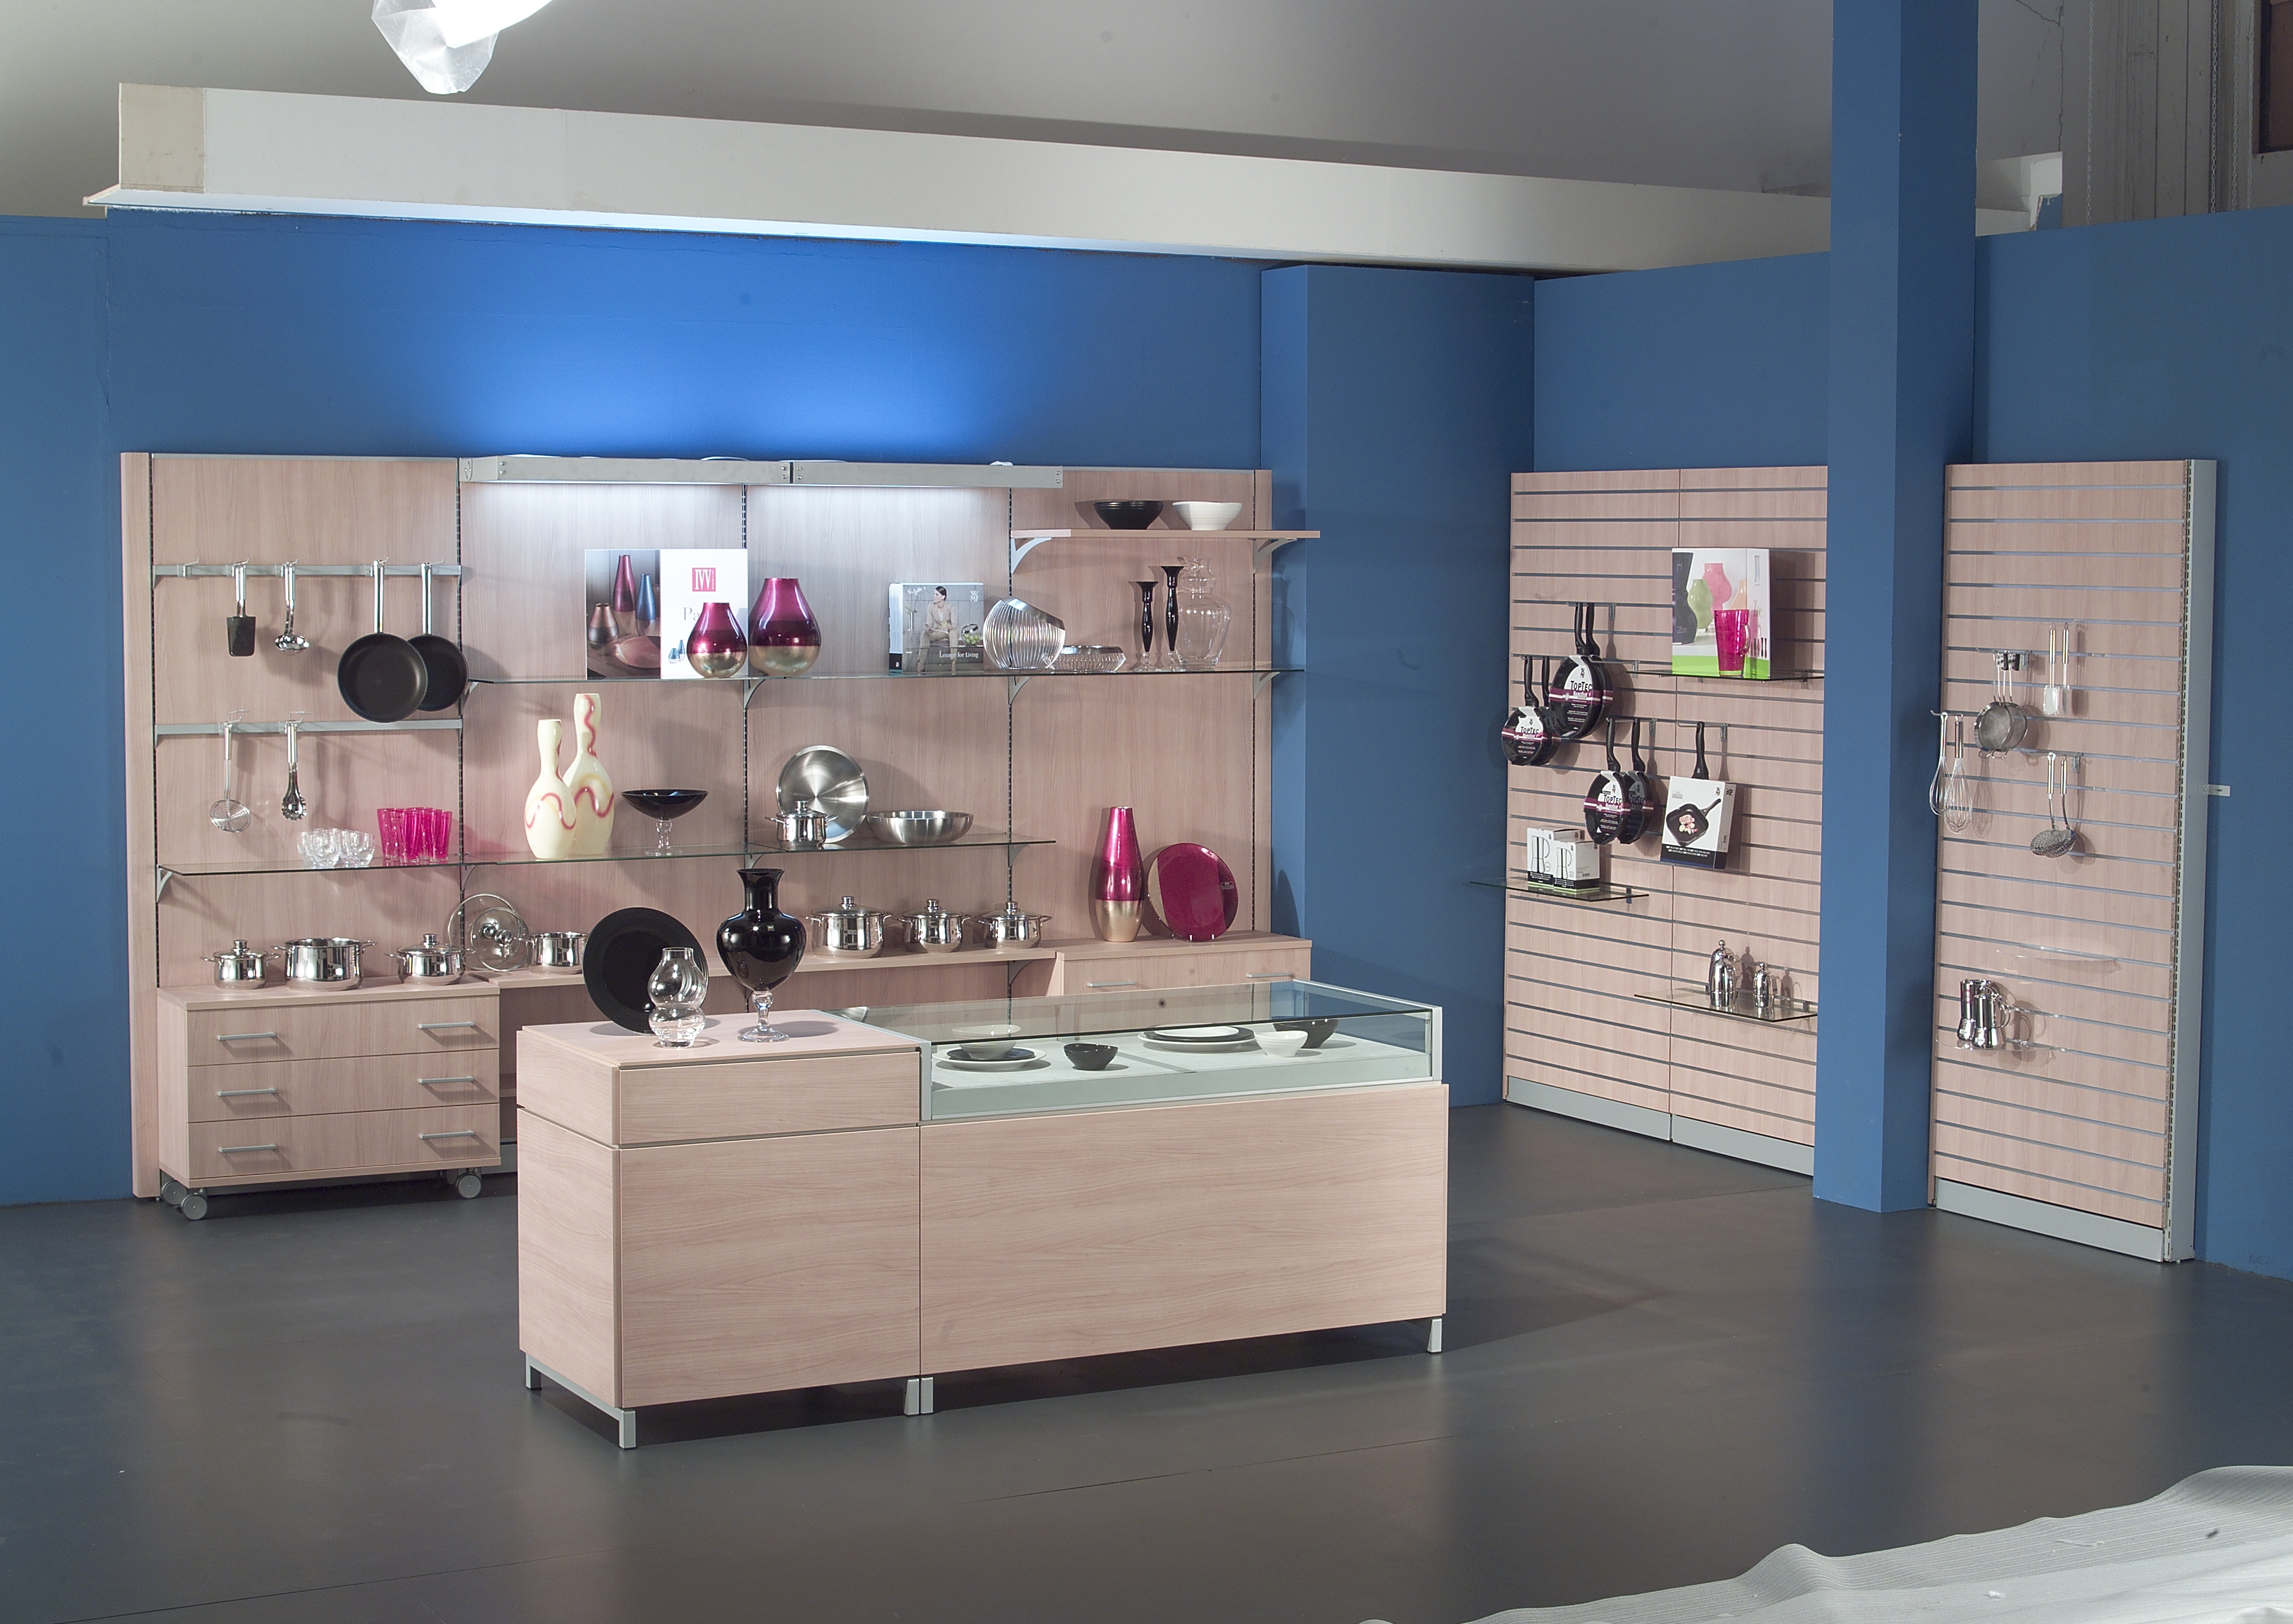 Arredamento per negozio di articoli da regalo e profumeria olbia